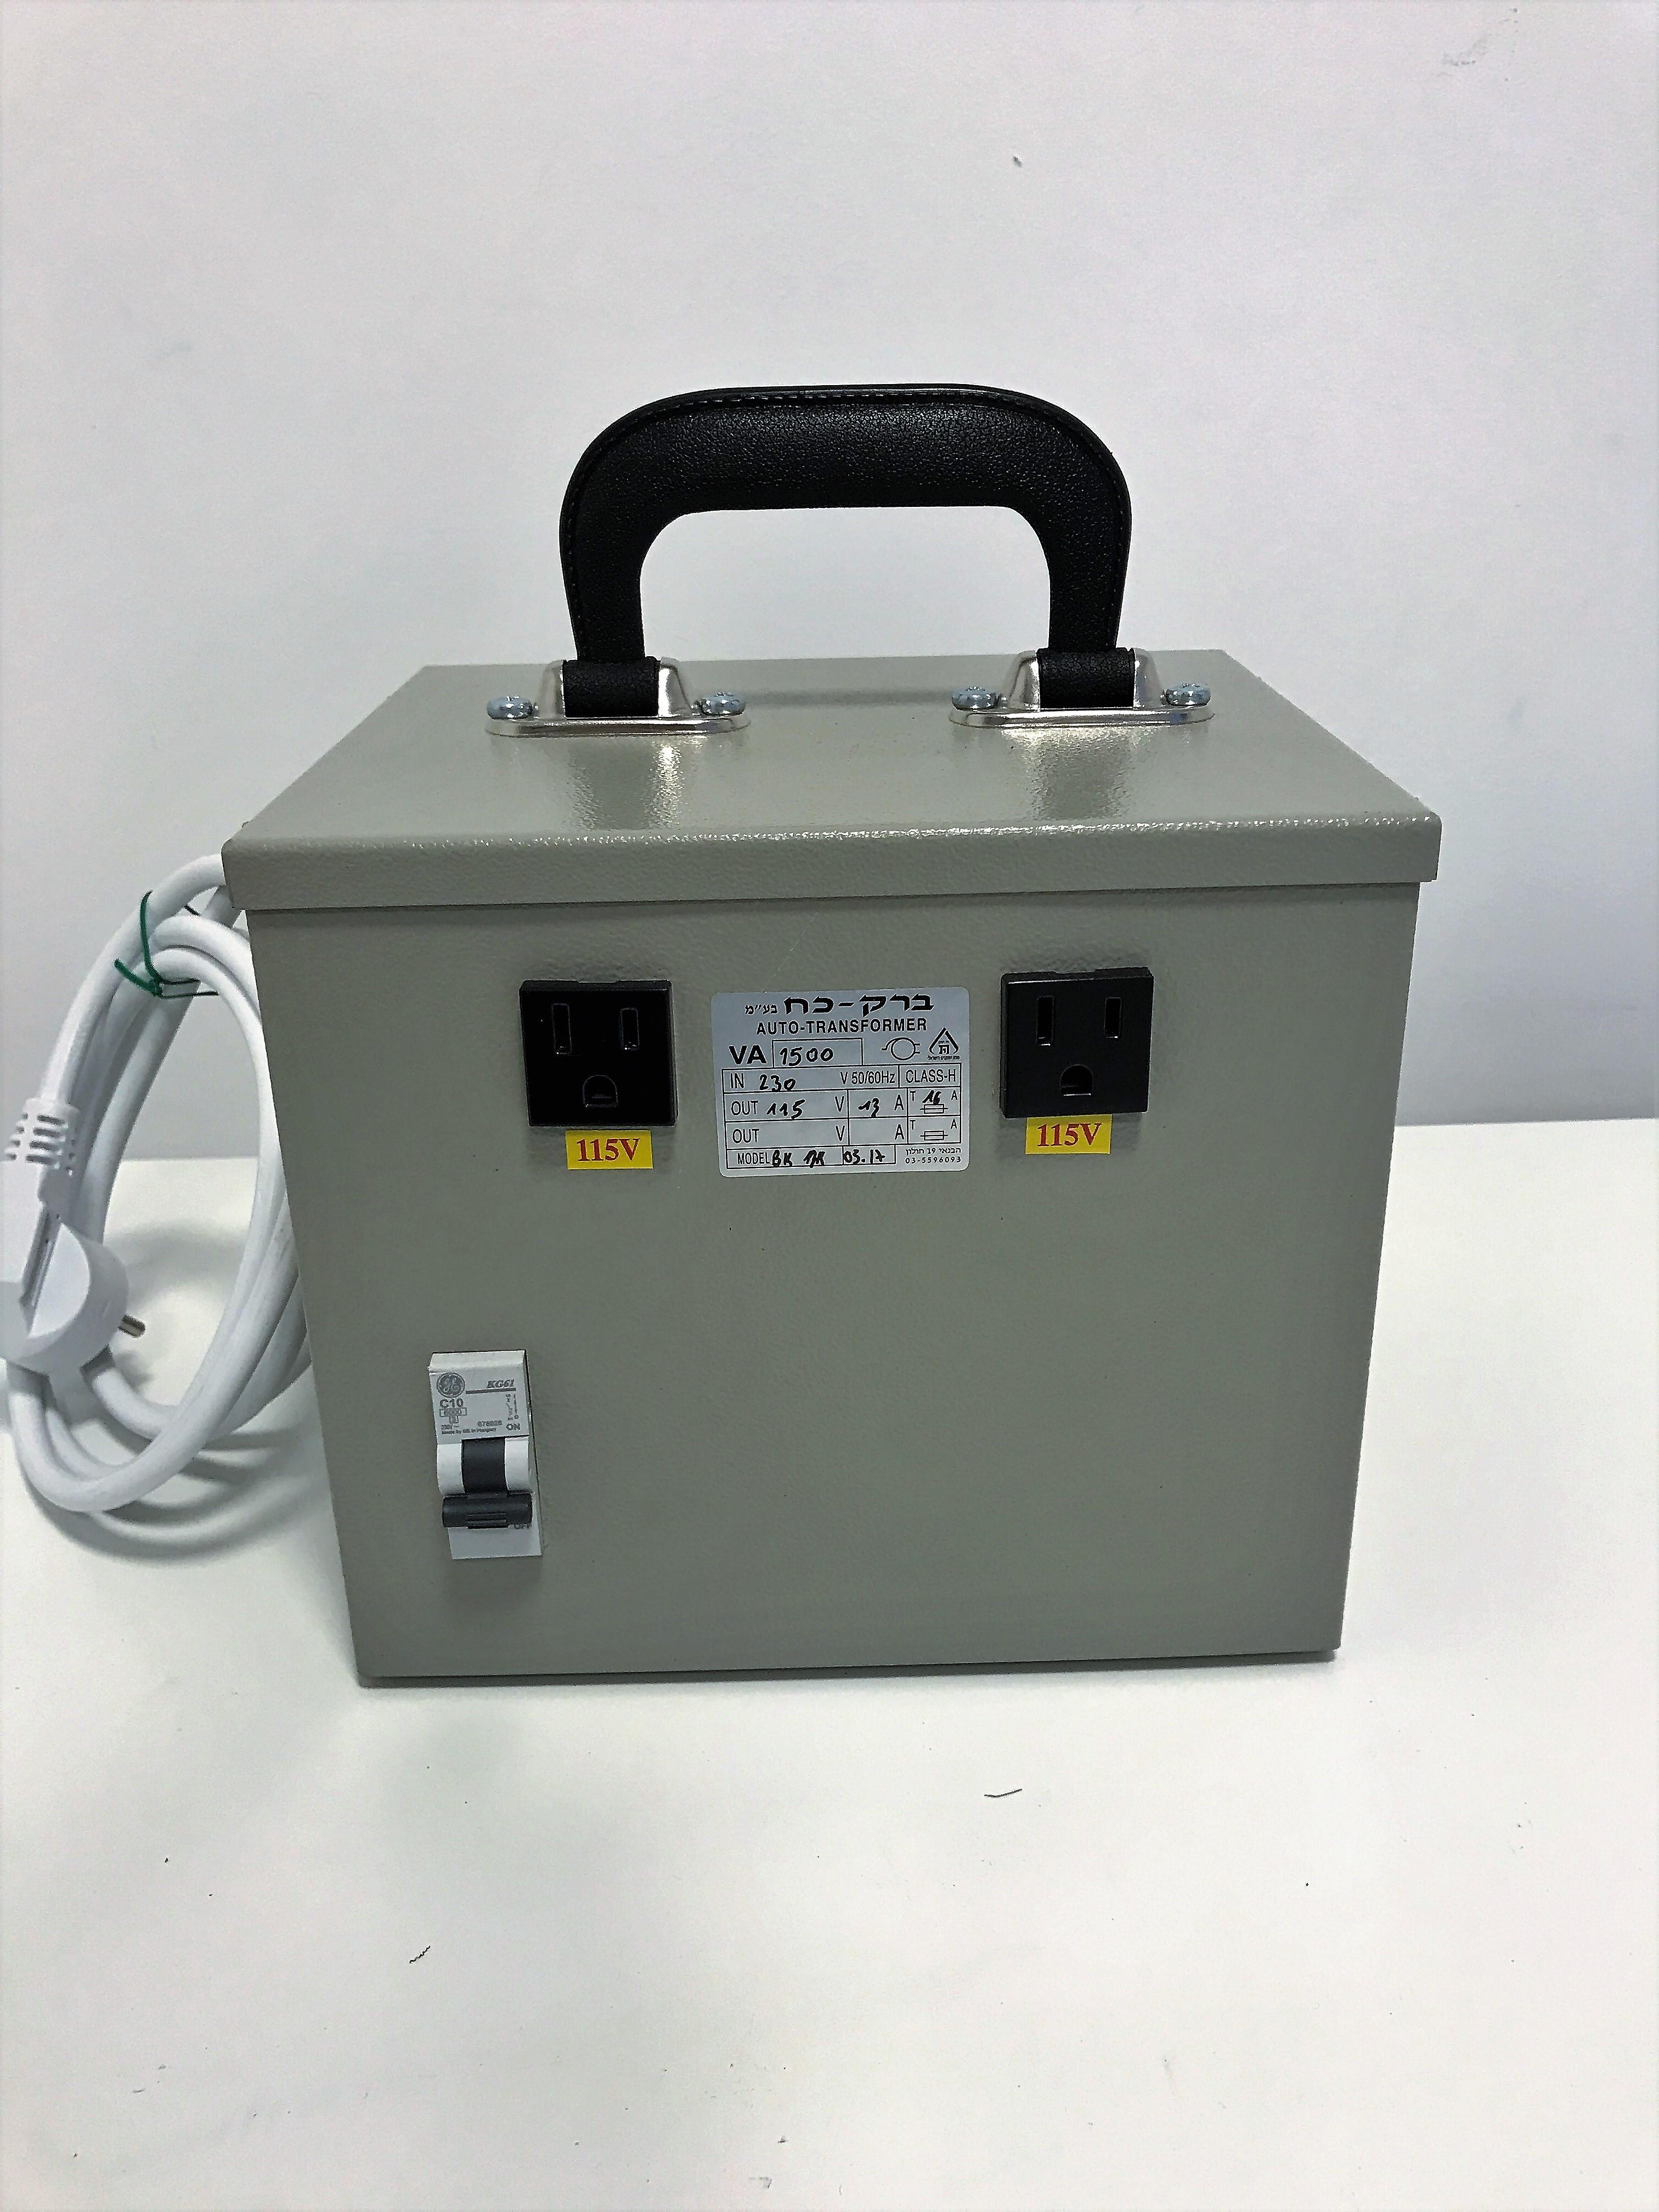 שנאי אוטוטרפו *קומפלט* בהספק 5000VA (למכשיר אמריקאי 115V)